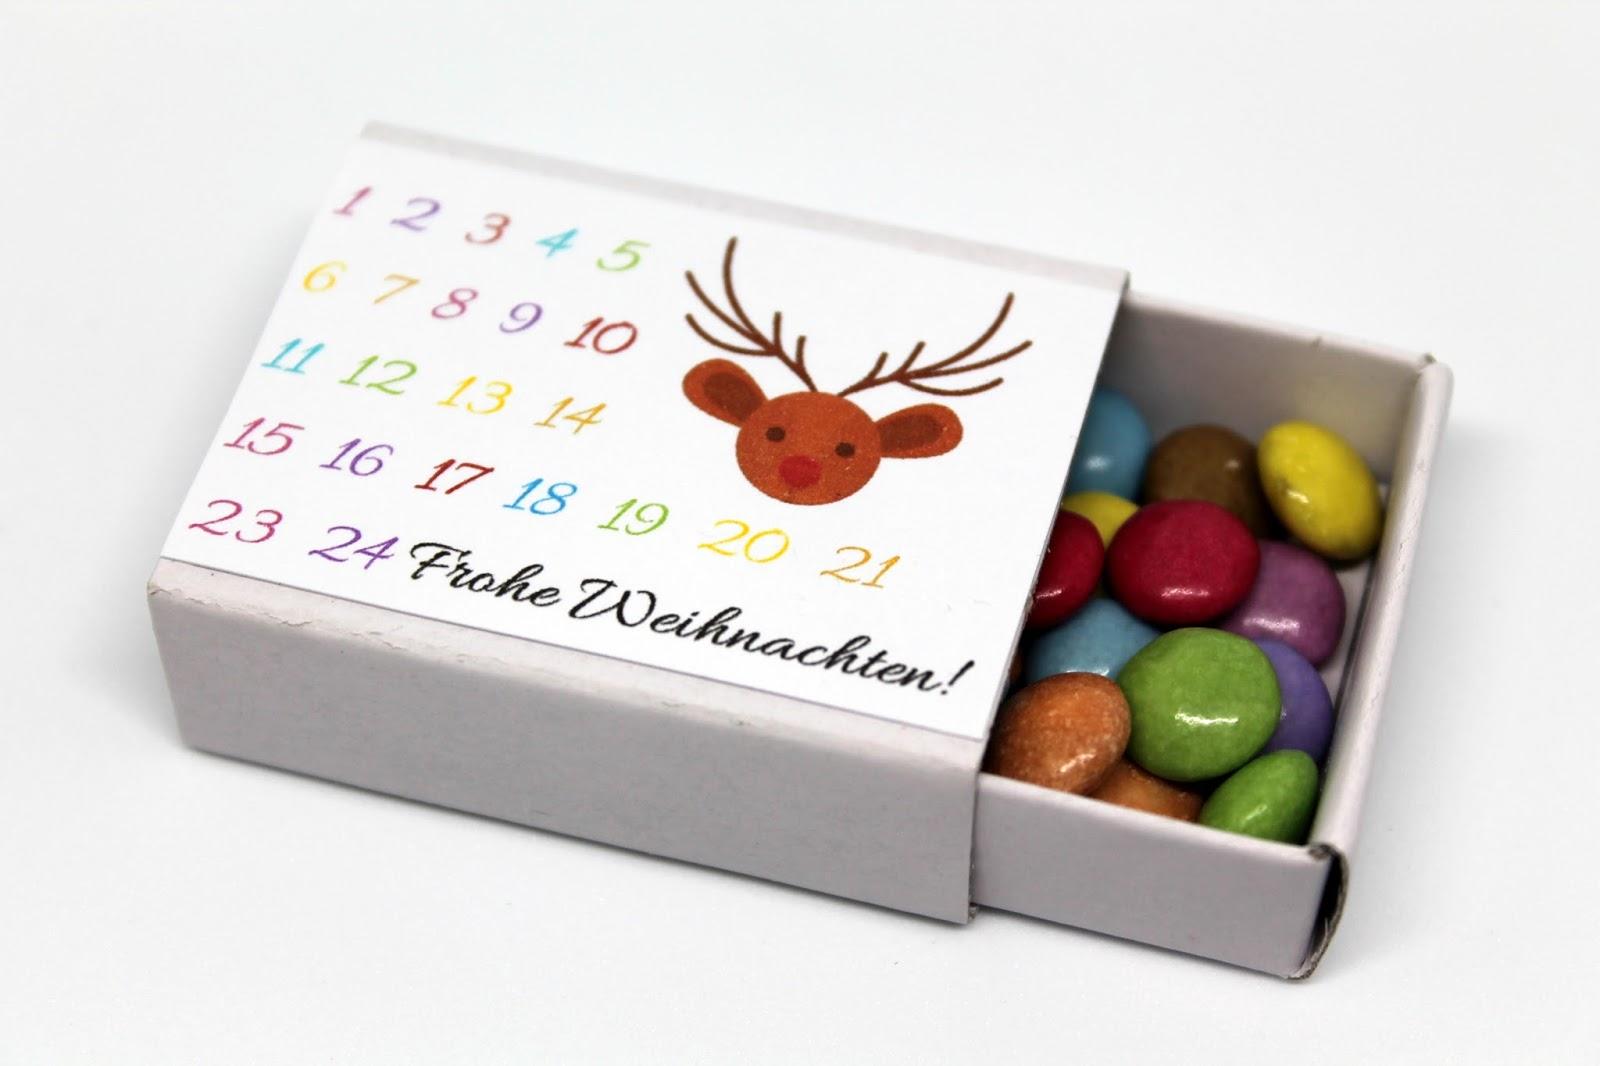 DIY, Basteln: Adventskalender in einer Streichholzschachtel in Weihnachtsgeschenke, Weihnachtsdekoration, Geschenkidee - DIYCarinchen